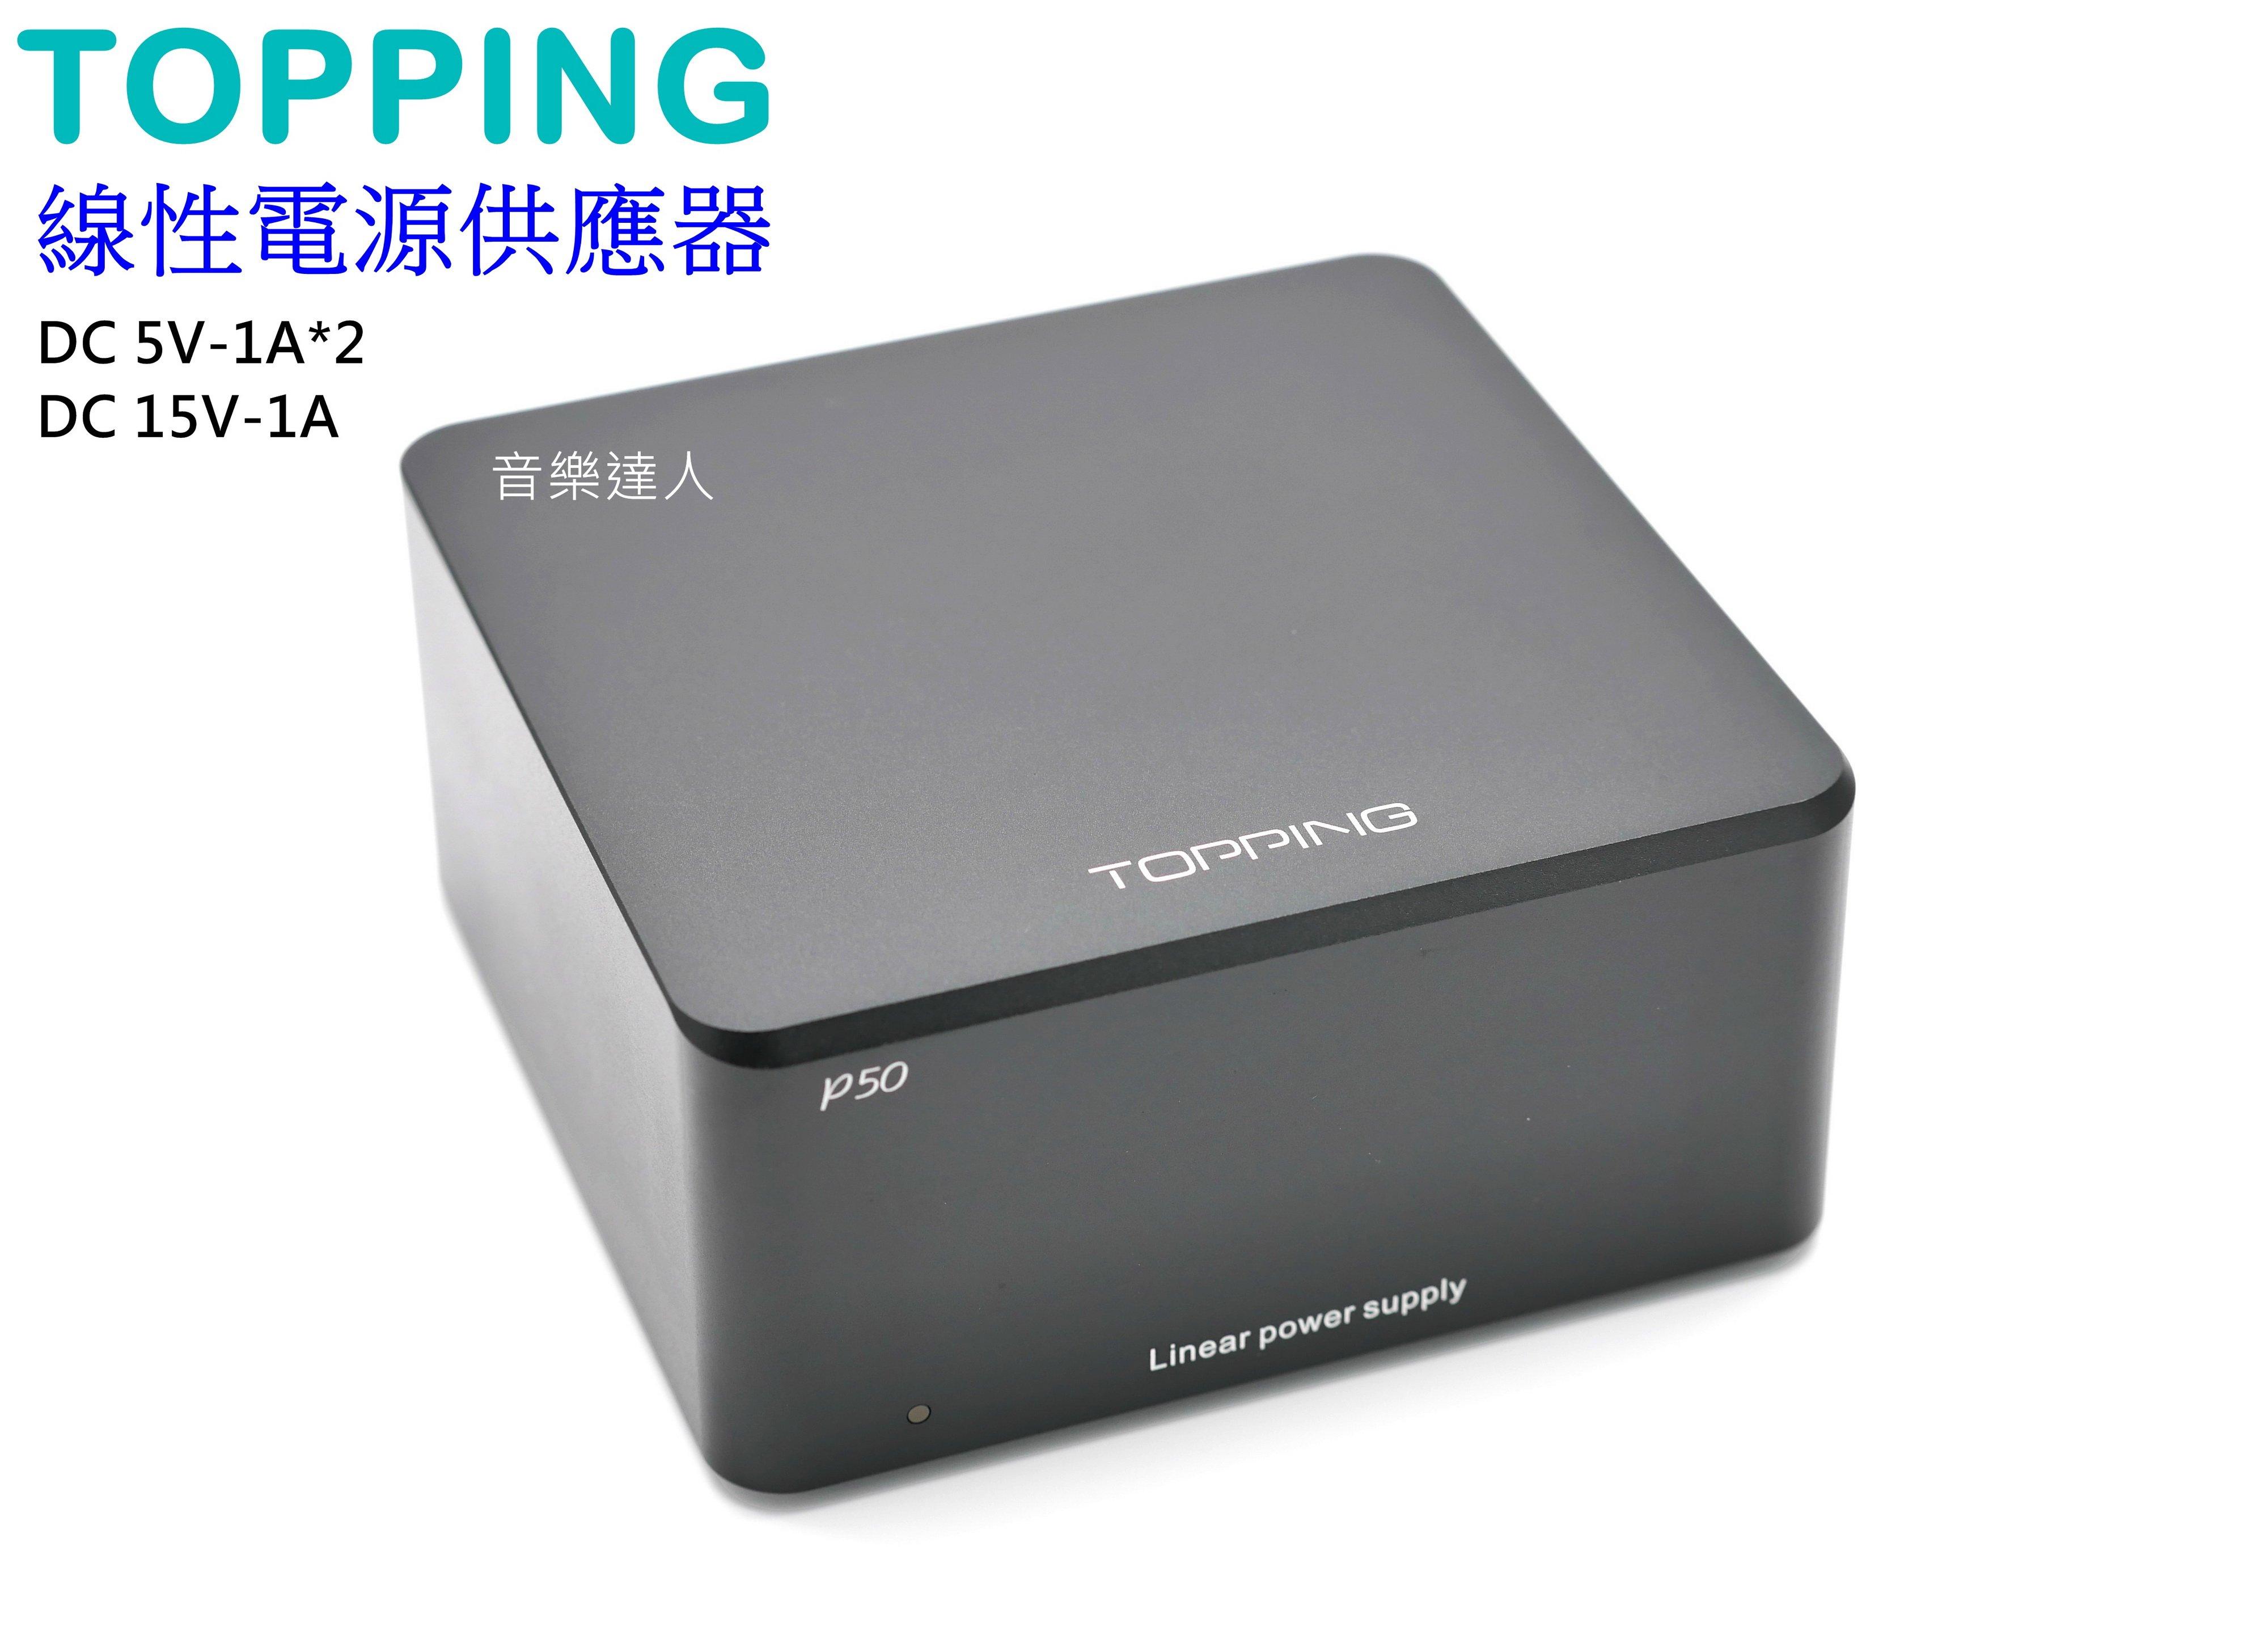 音樂達人絕配拓品TOPPING D30 D50 D50s DX3Pro 嚴選 TOPPING P50 線性電源供應器